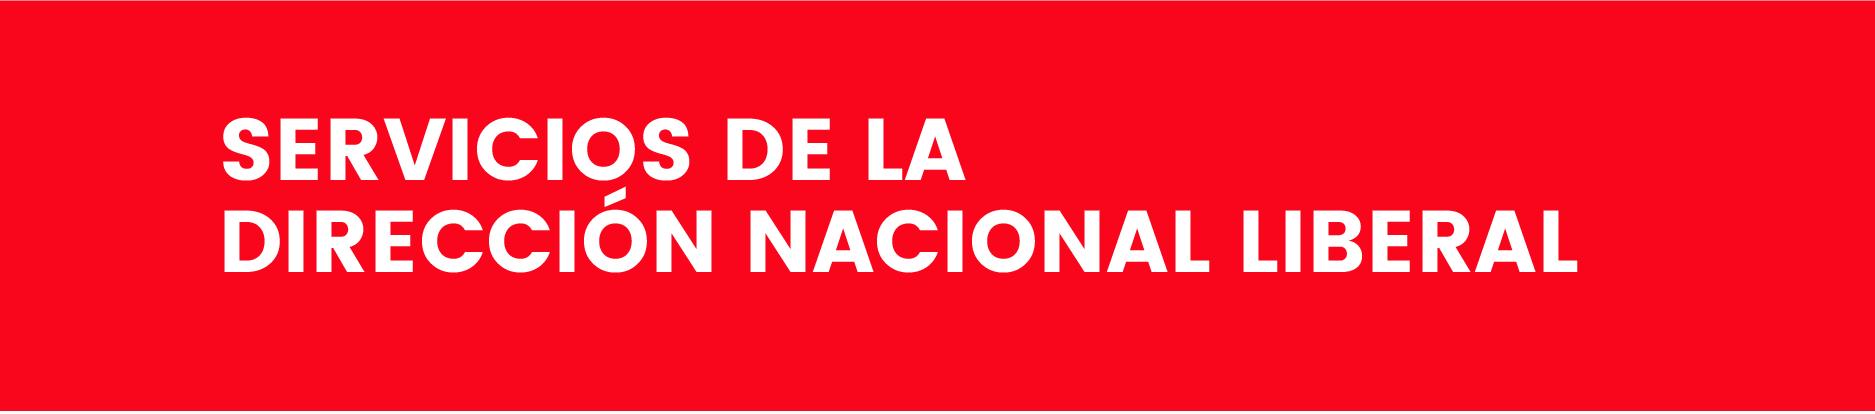 Servicios de la Dirección Nacional Liberal